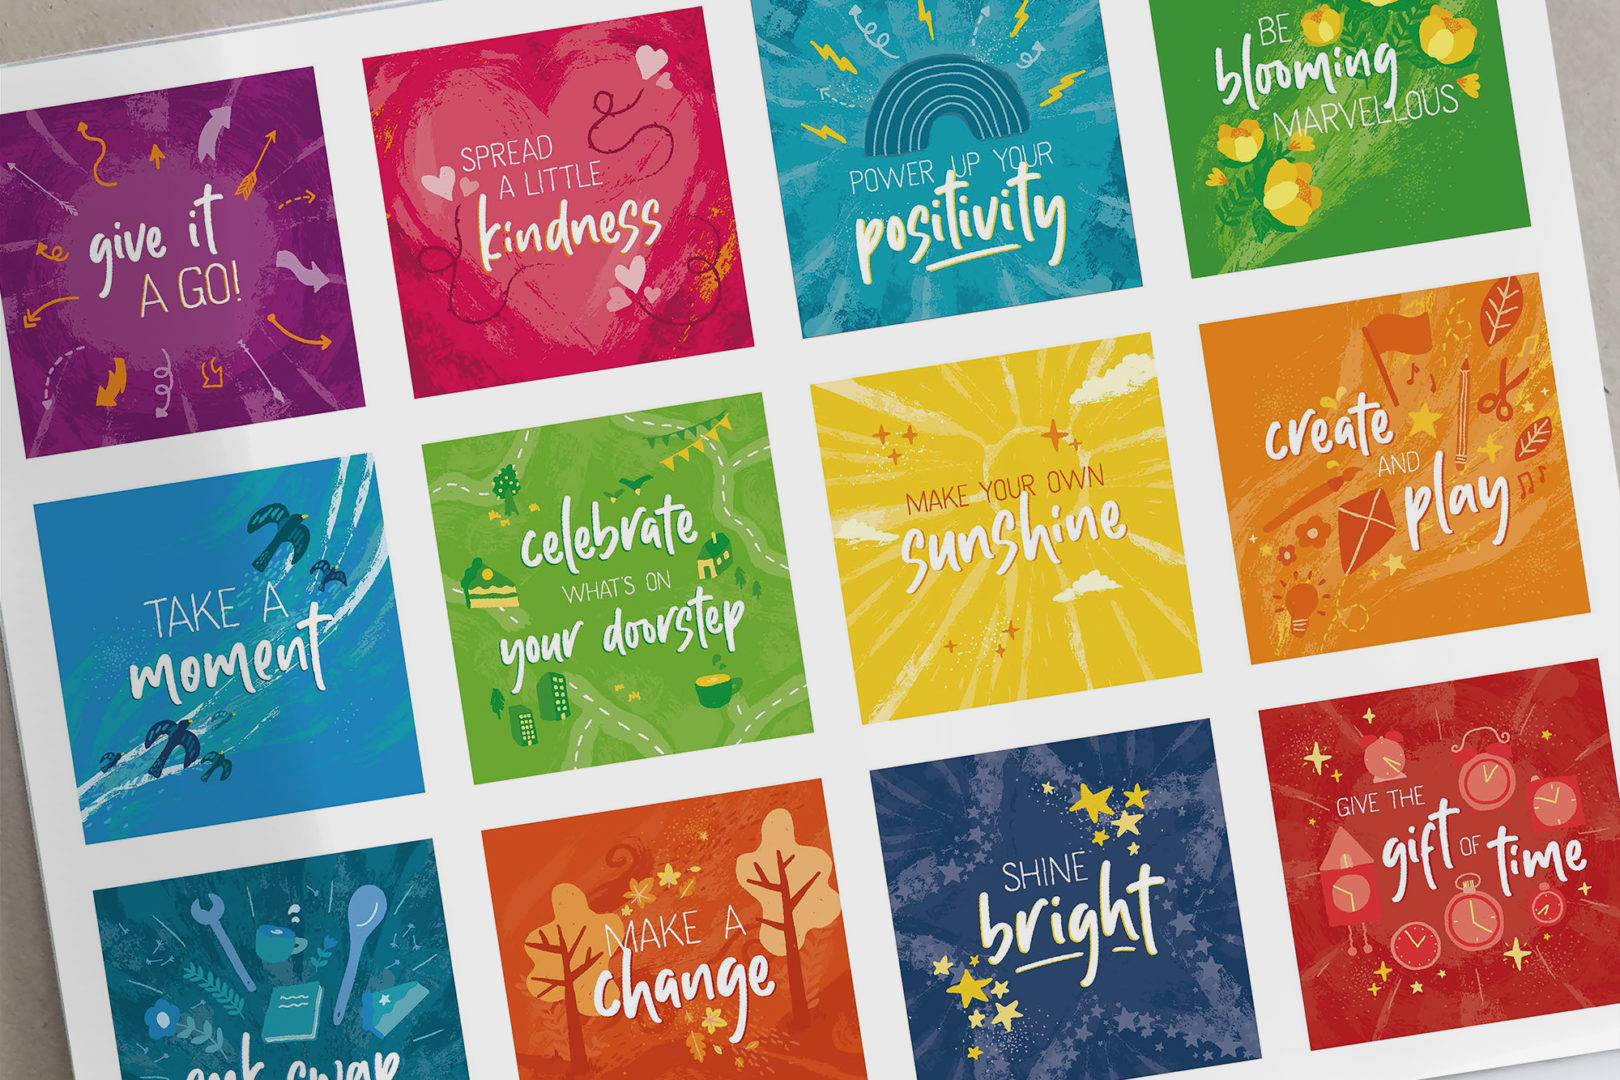 Eden Project Communities Calendar - all artwork